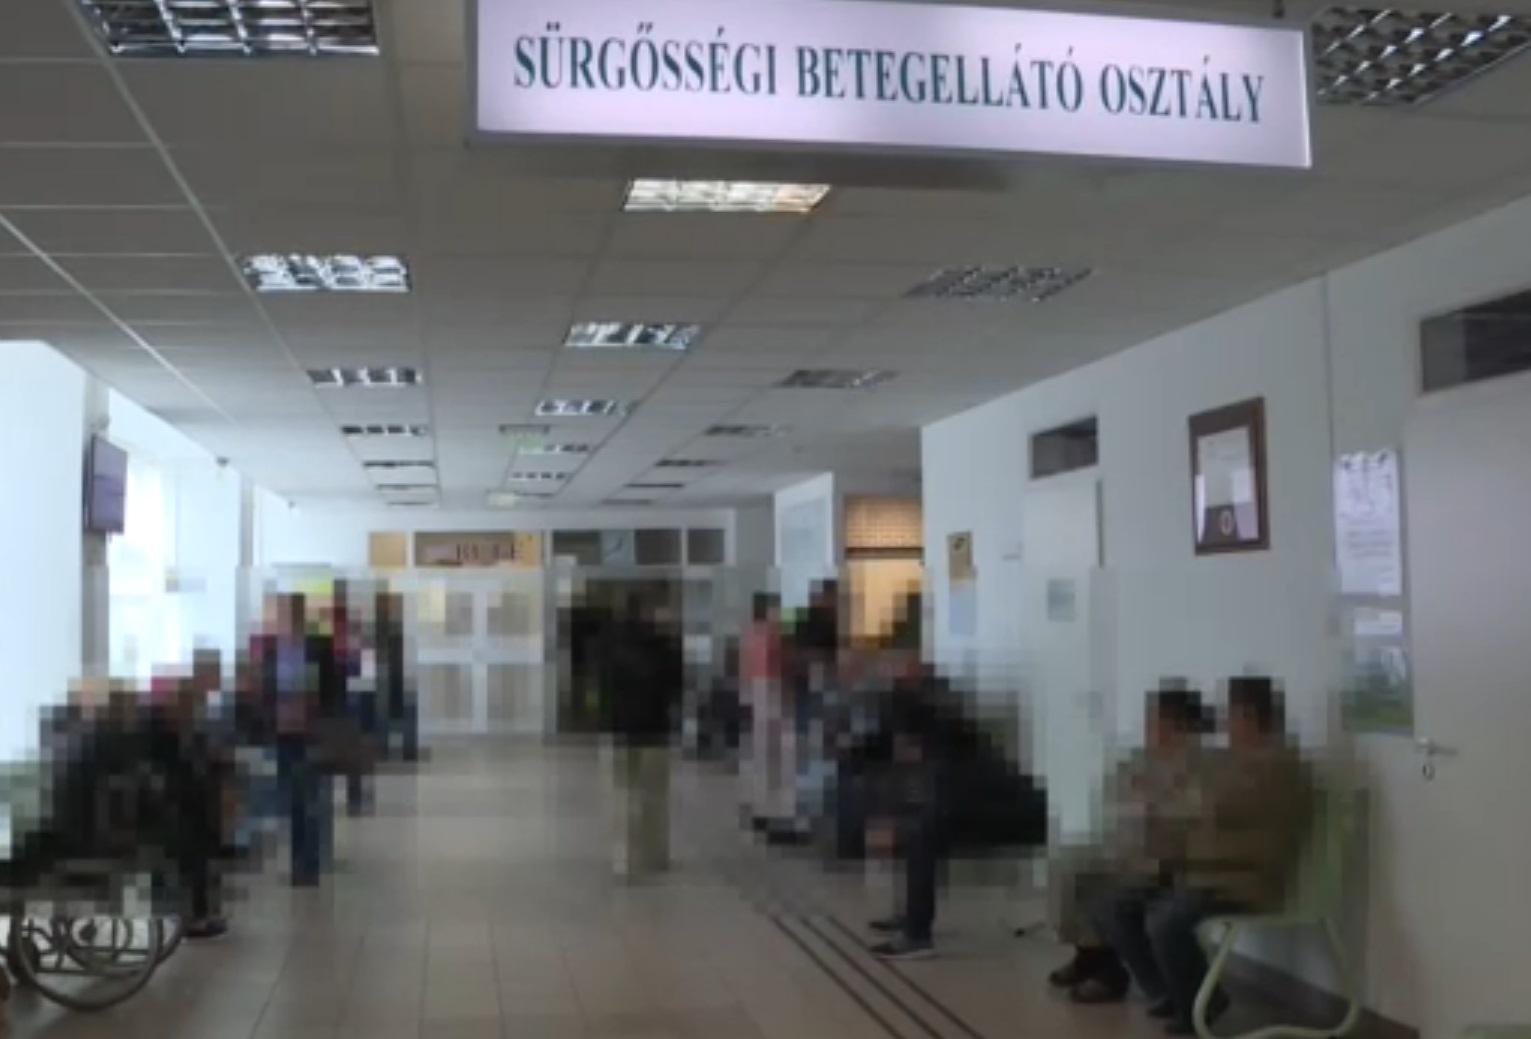 Az összes betegszállító felmondott a hatvani kórházban